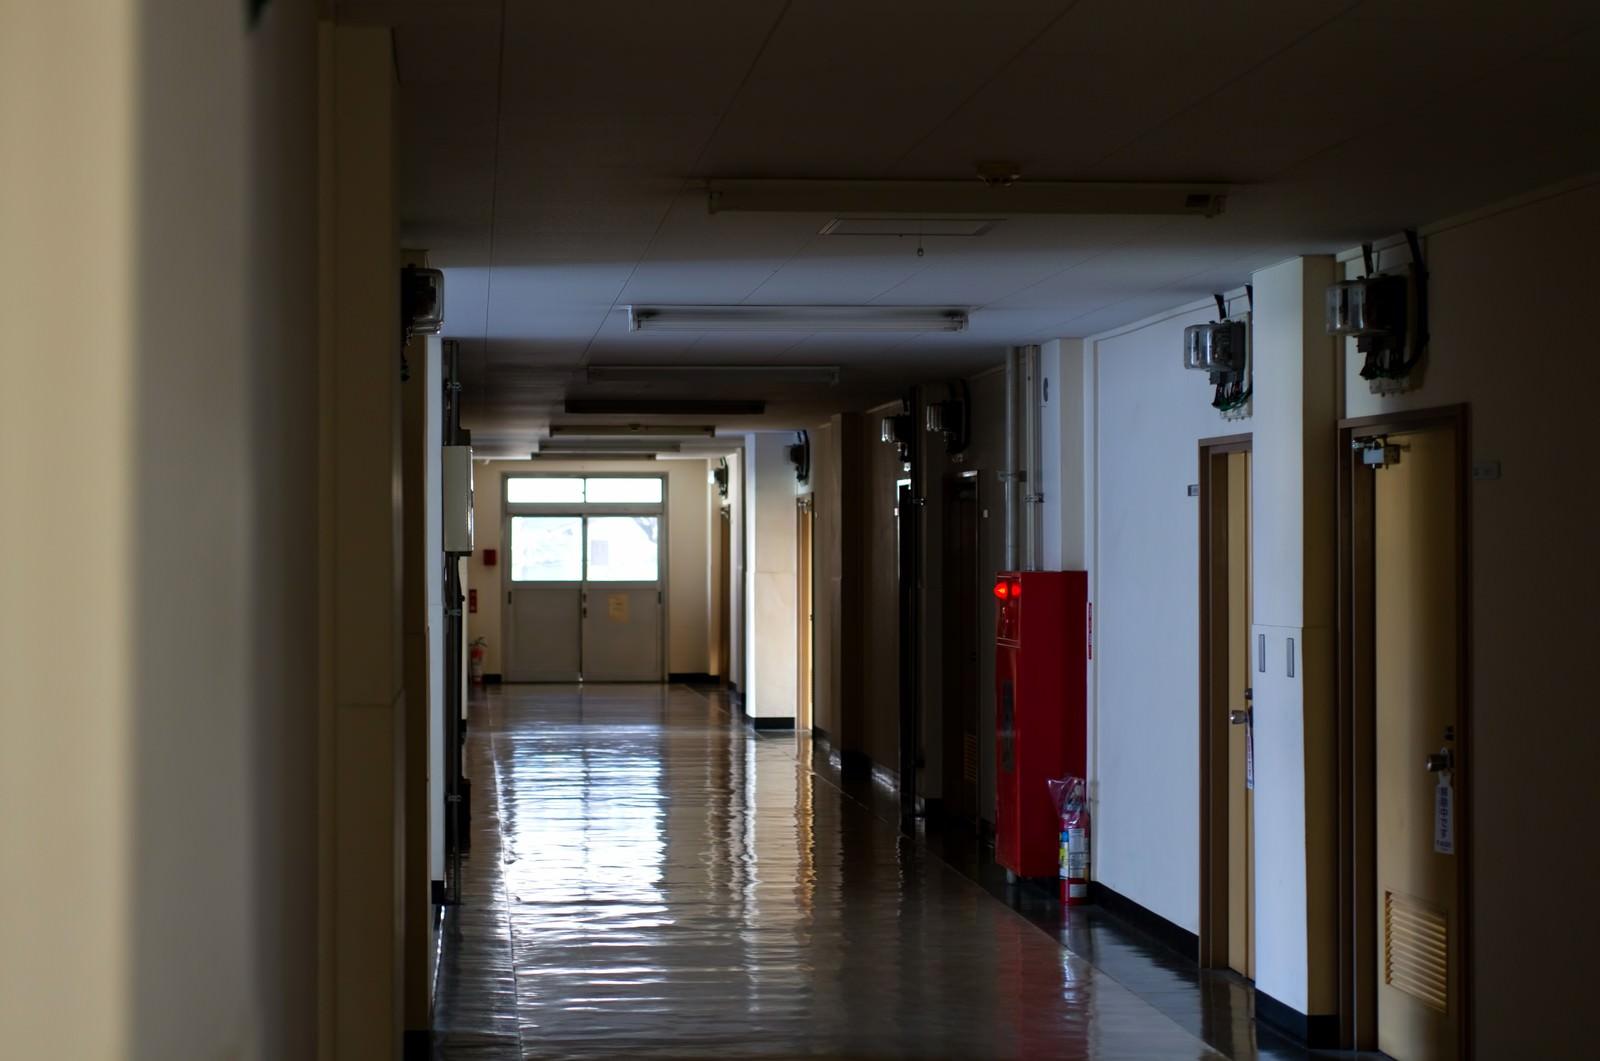 「うす暗い廊下うす暗い廊下」のフリー写真素材を拡大